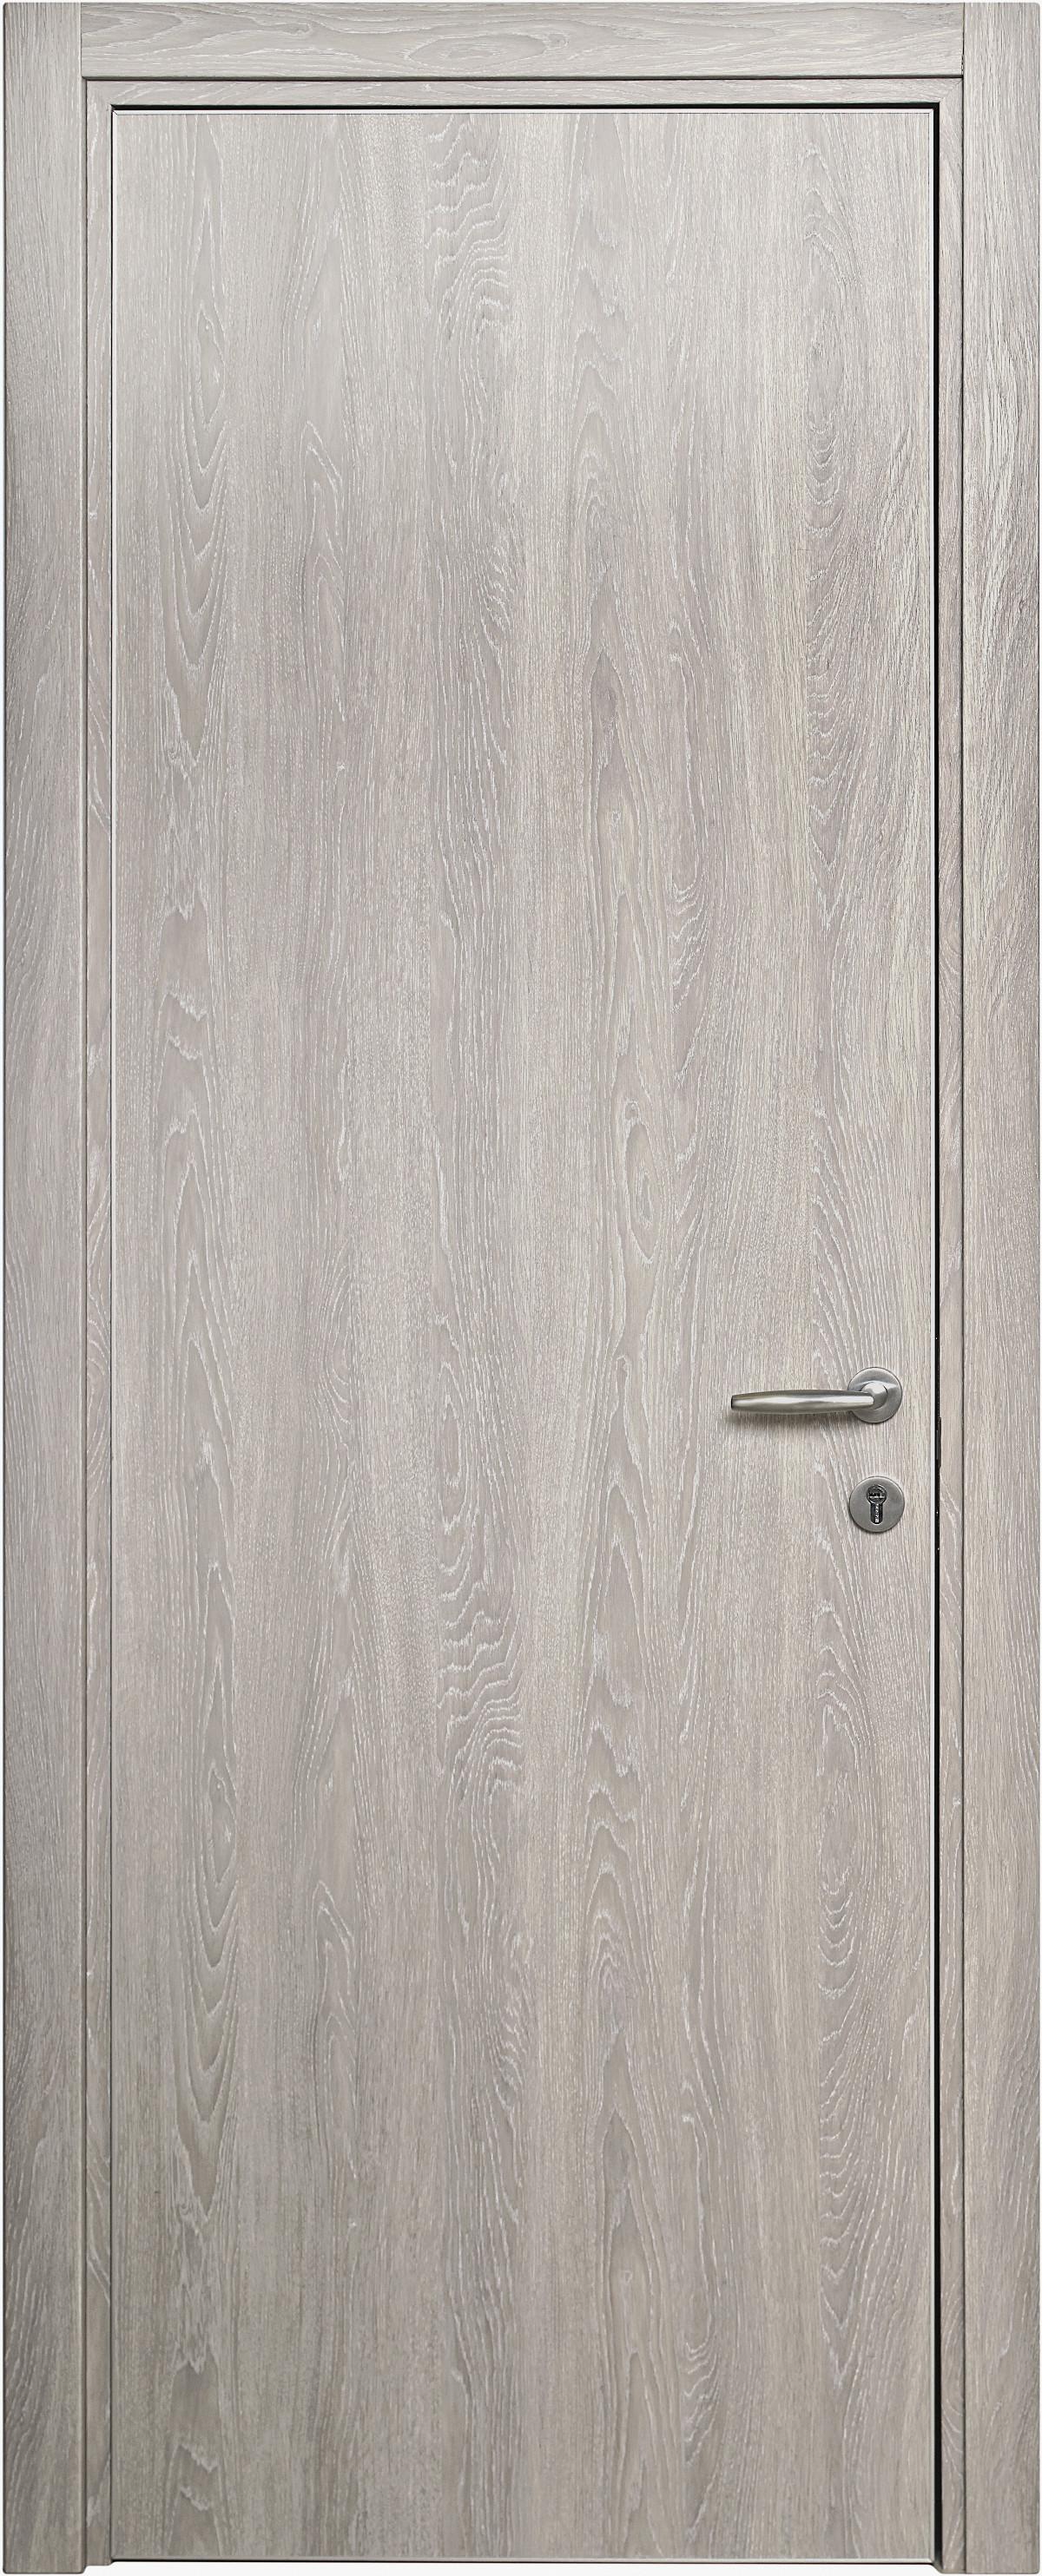 Межкомнатная / входная дверь, отделка: экошпон ДУБ DECAPE, Glossy